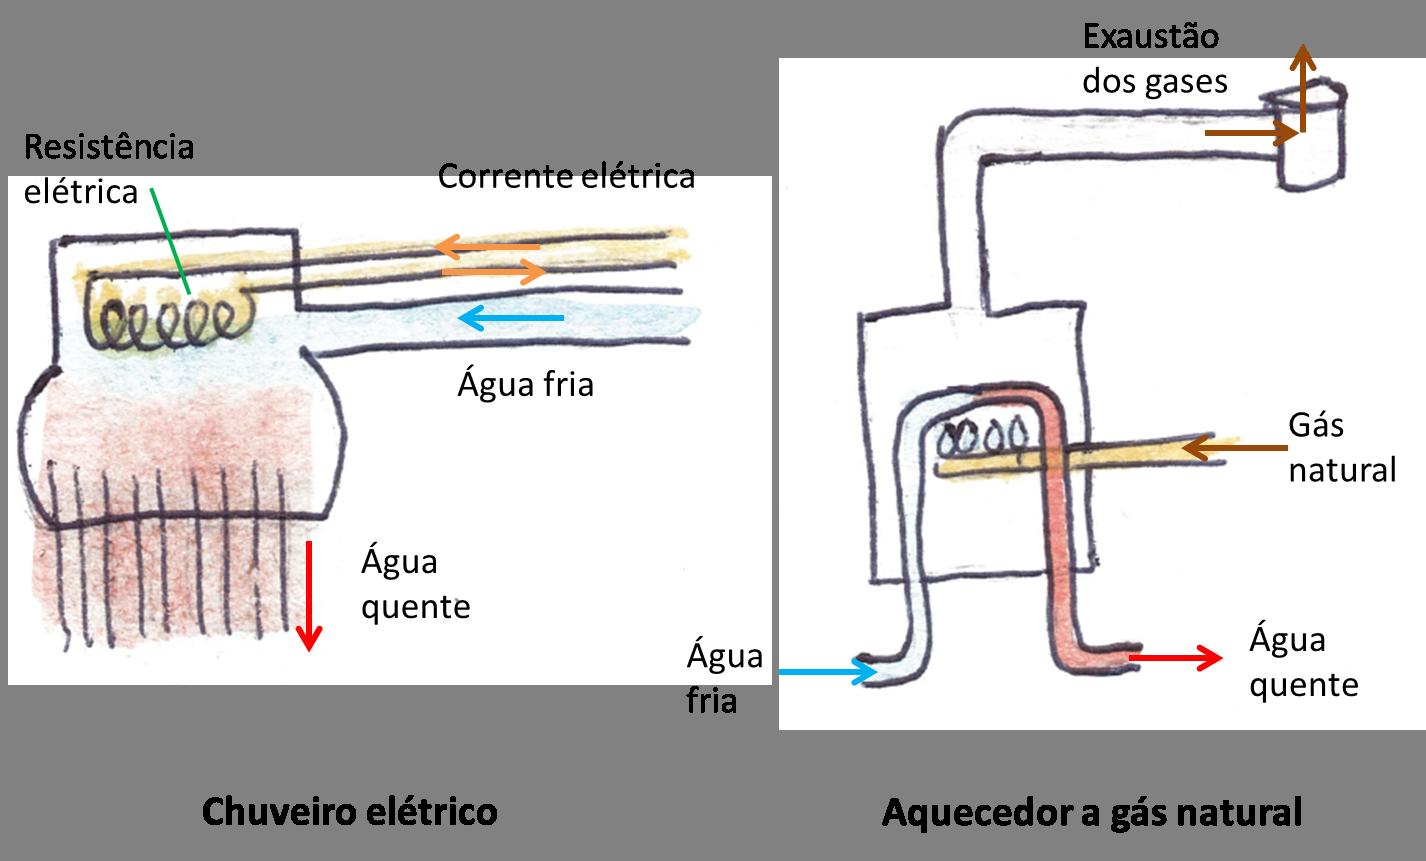 chuveiro elétrico corrente elétrica alimenta resistência que aquece água e aquecedor gás natural é queimado e aquece água